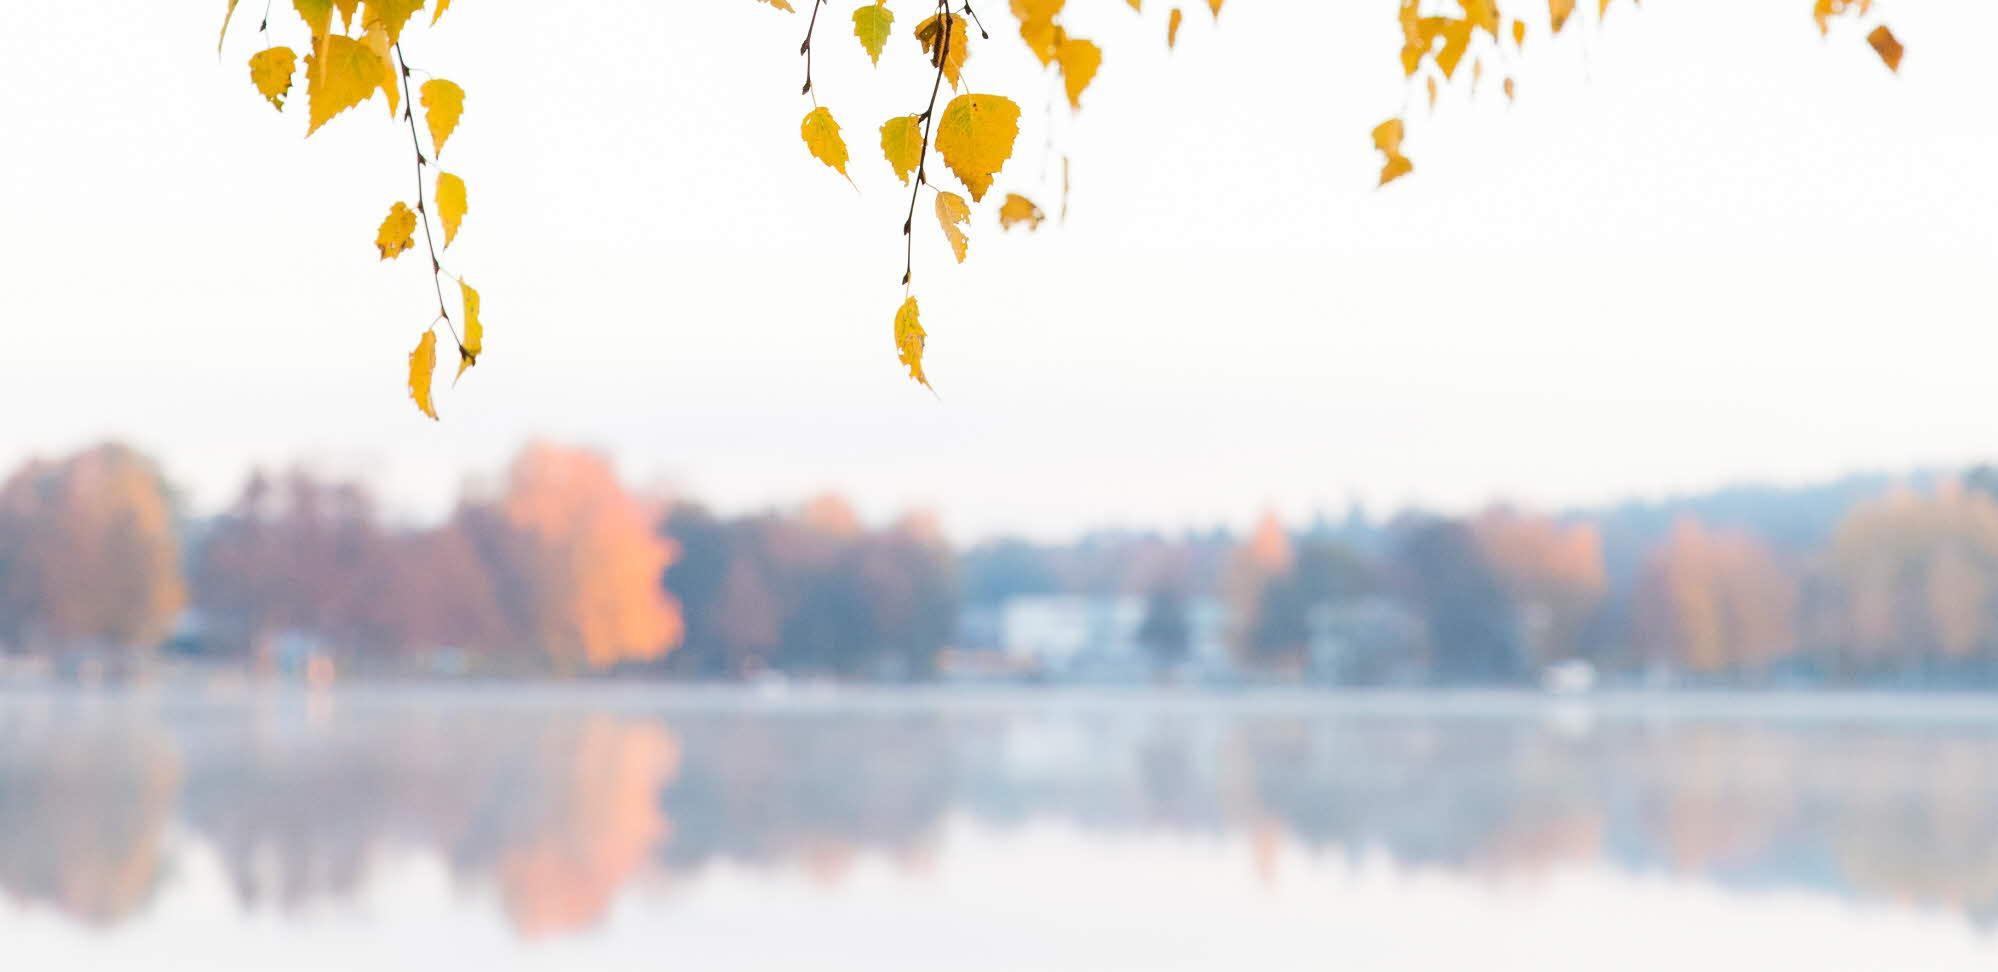 Trdägrenar med gula löv som tyder på tidig höst hänger över en sjö som finns i bakgrunden